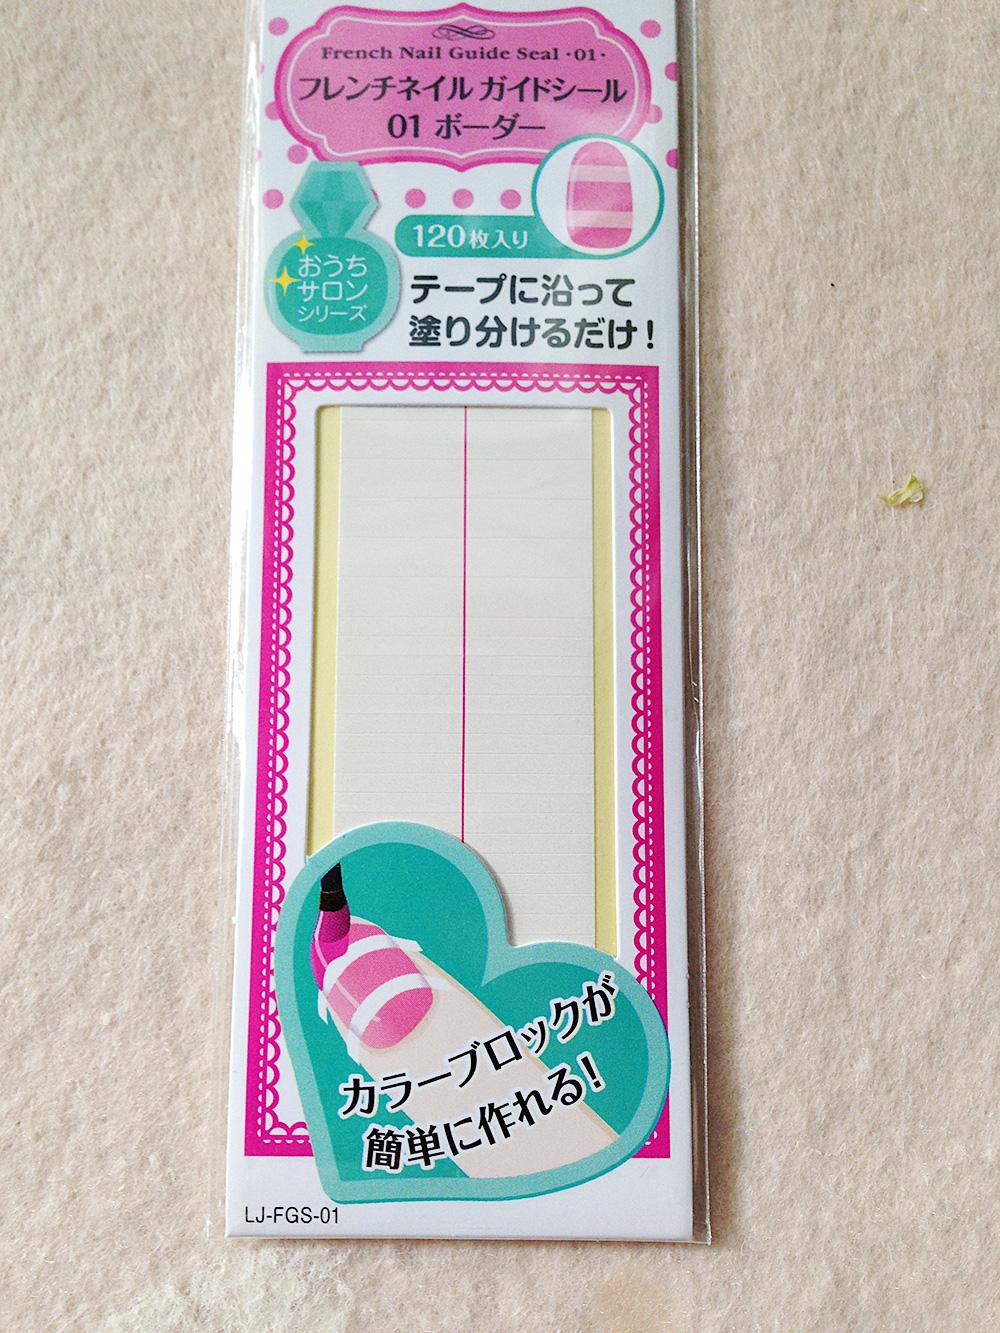 100円フレンチガイドシール